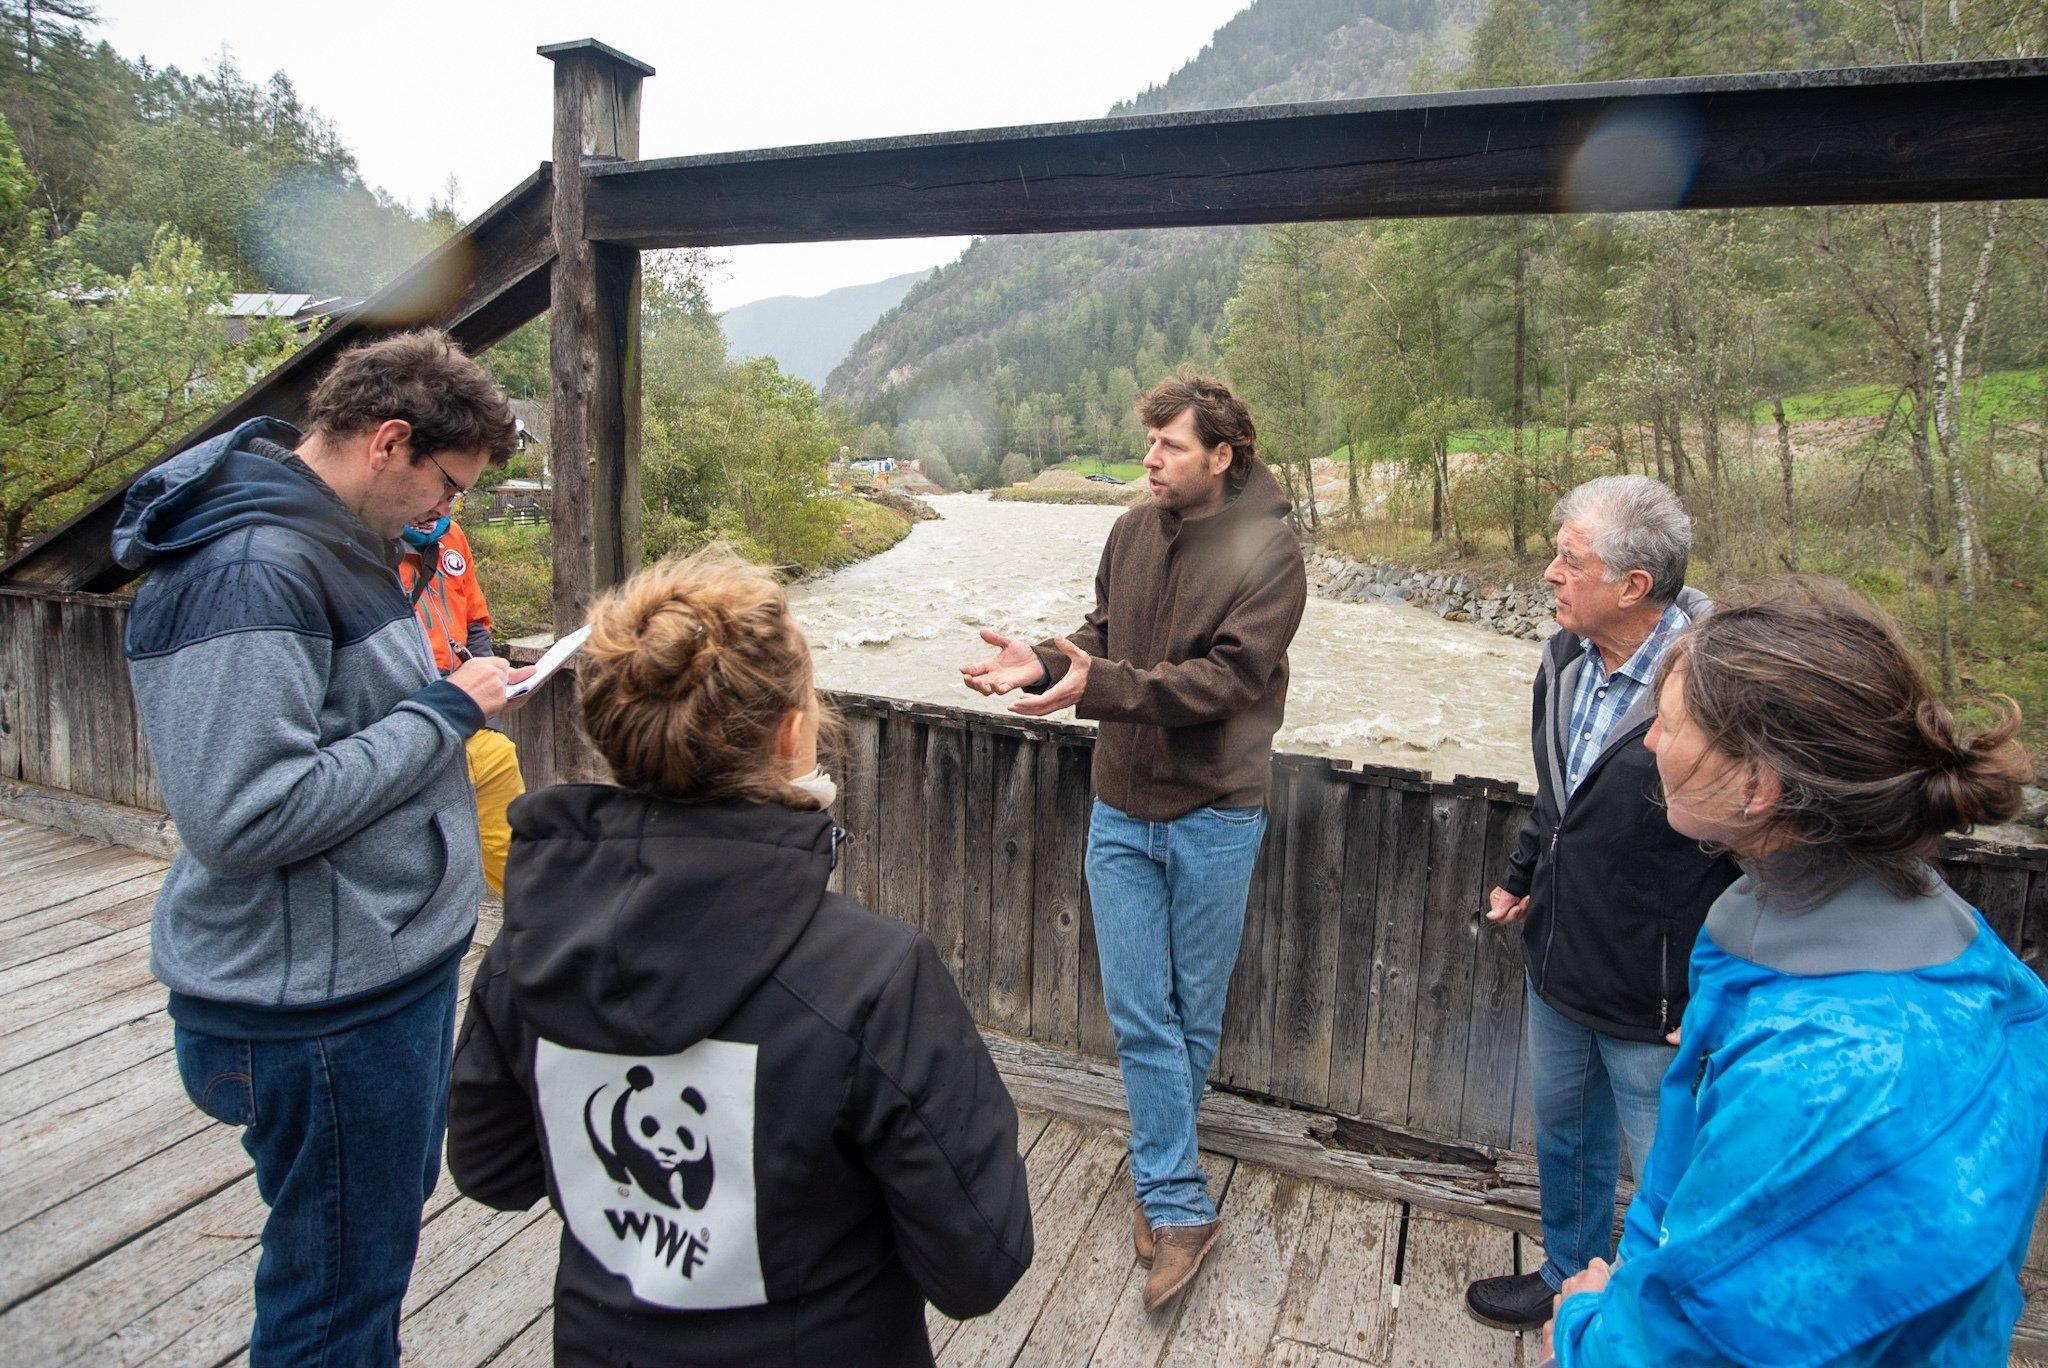 Menschen stehen auf einer Holzbrücke über einen reissenden Gebirgsbach und reden.